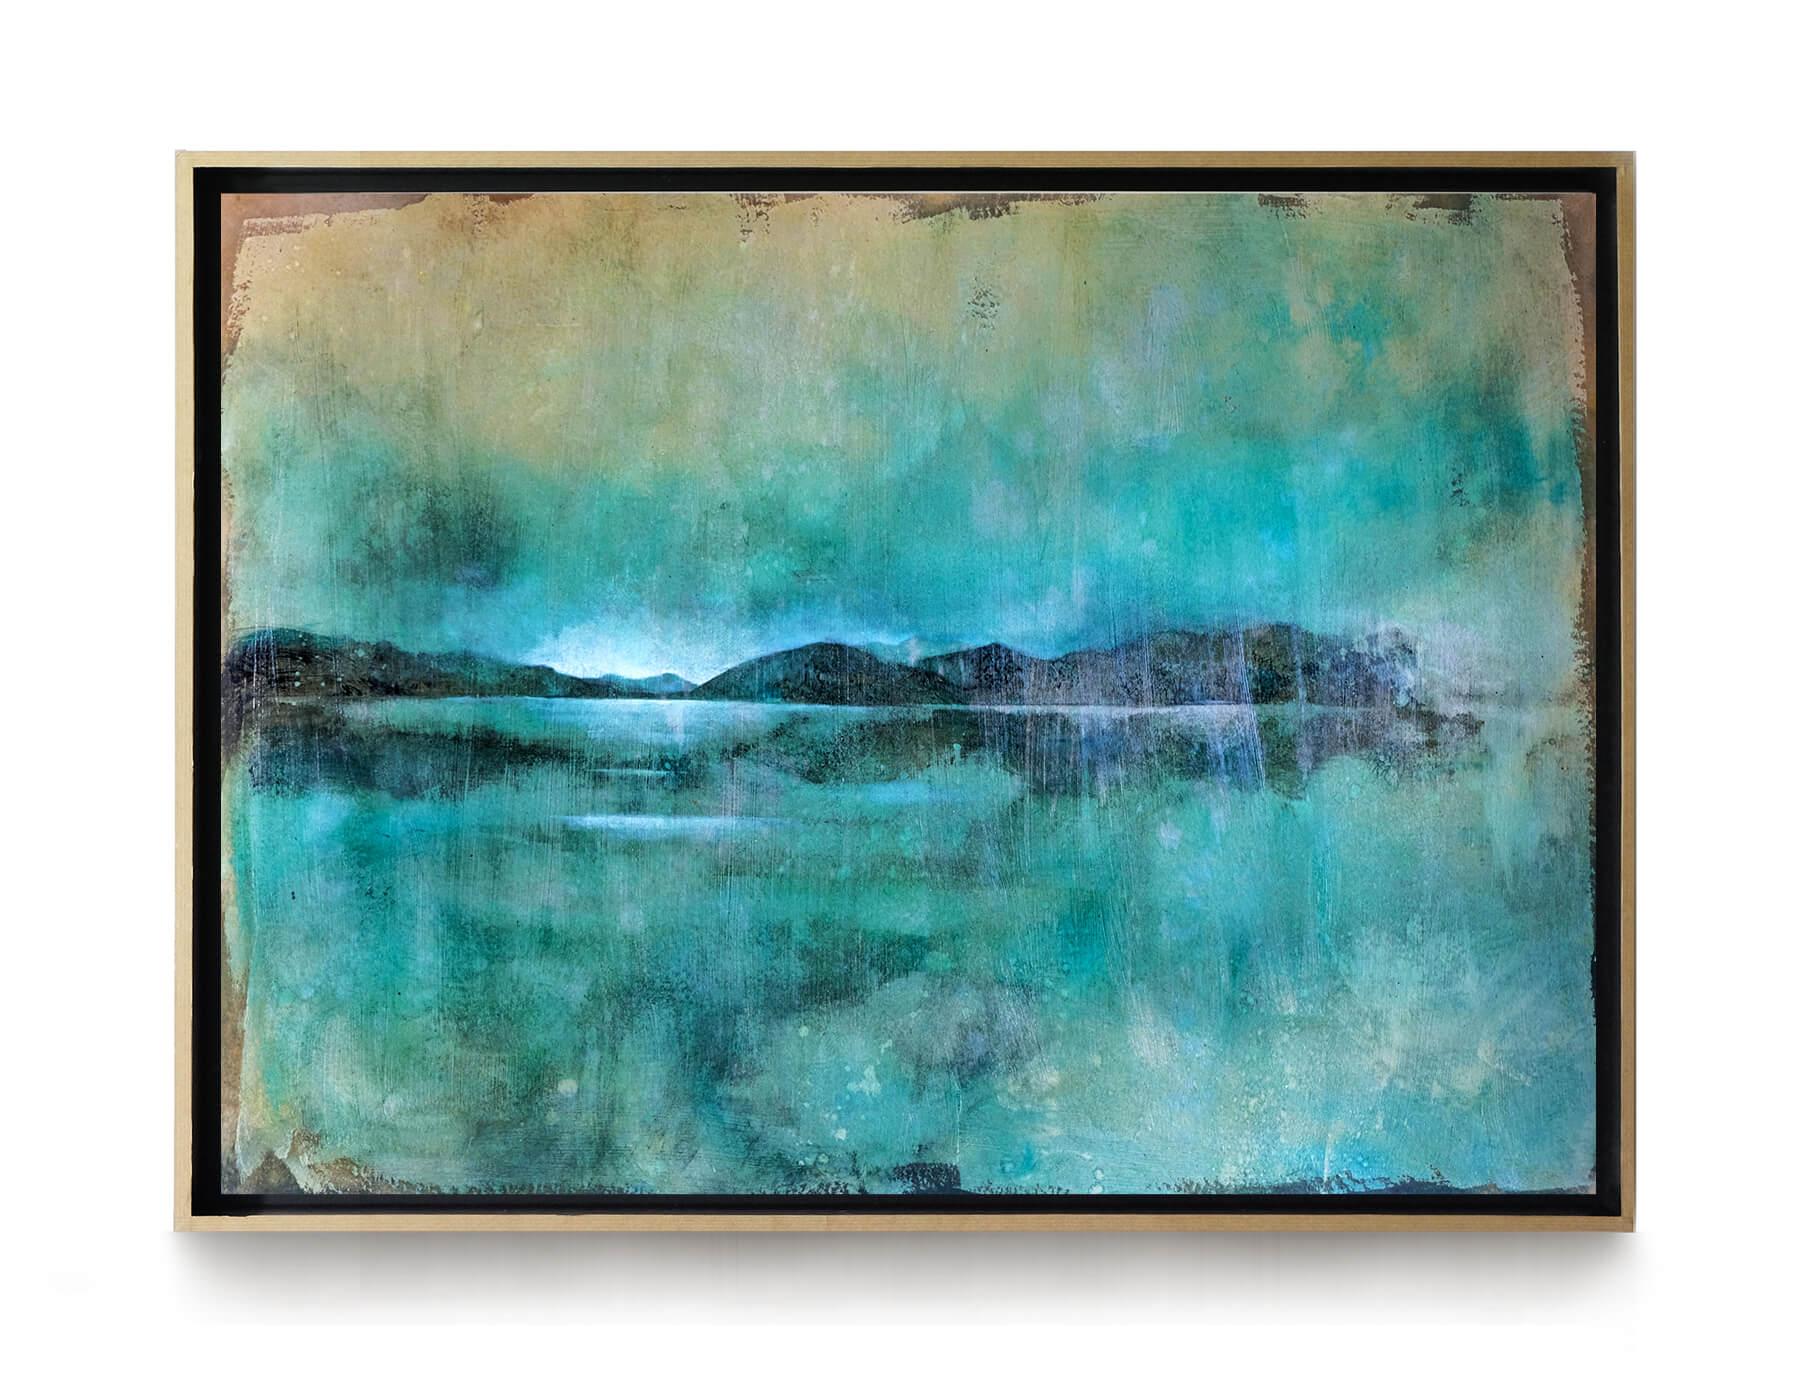 paysage_bleu_vert_80x65cm_acrylique_et_encre_encadree_lightbox